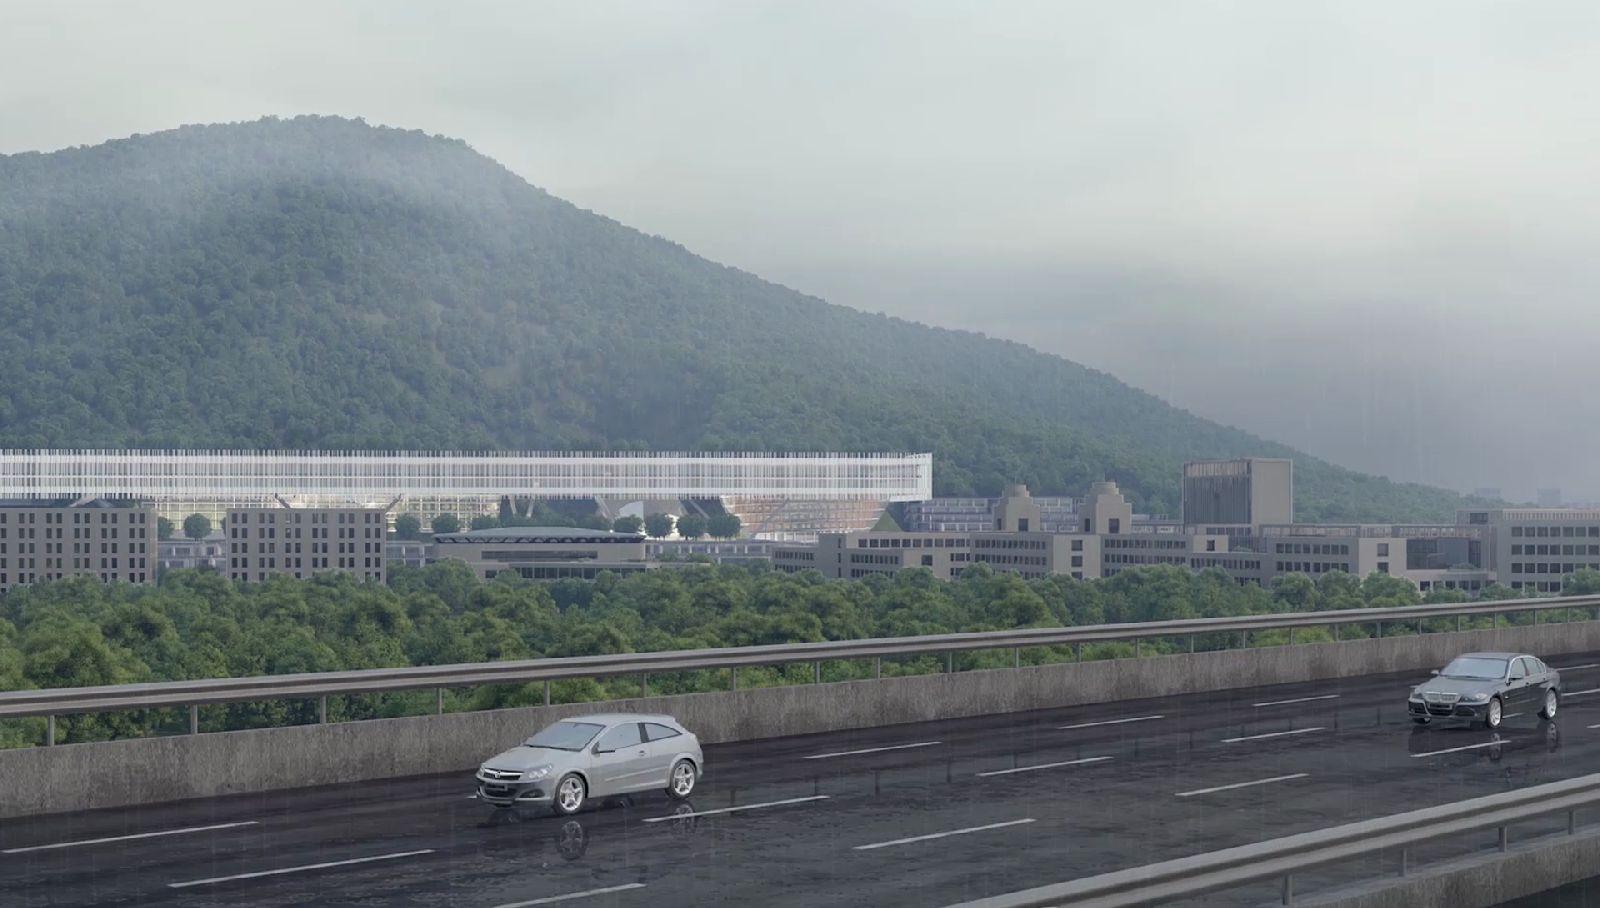 Shenzhen Innovation and Creative Design Institute